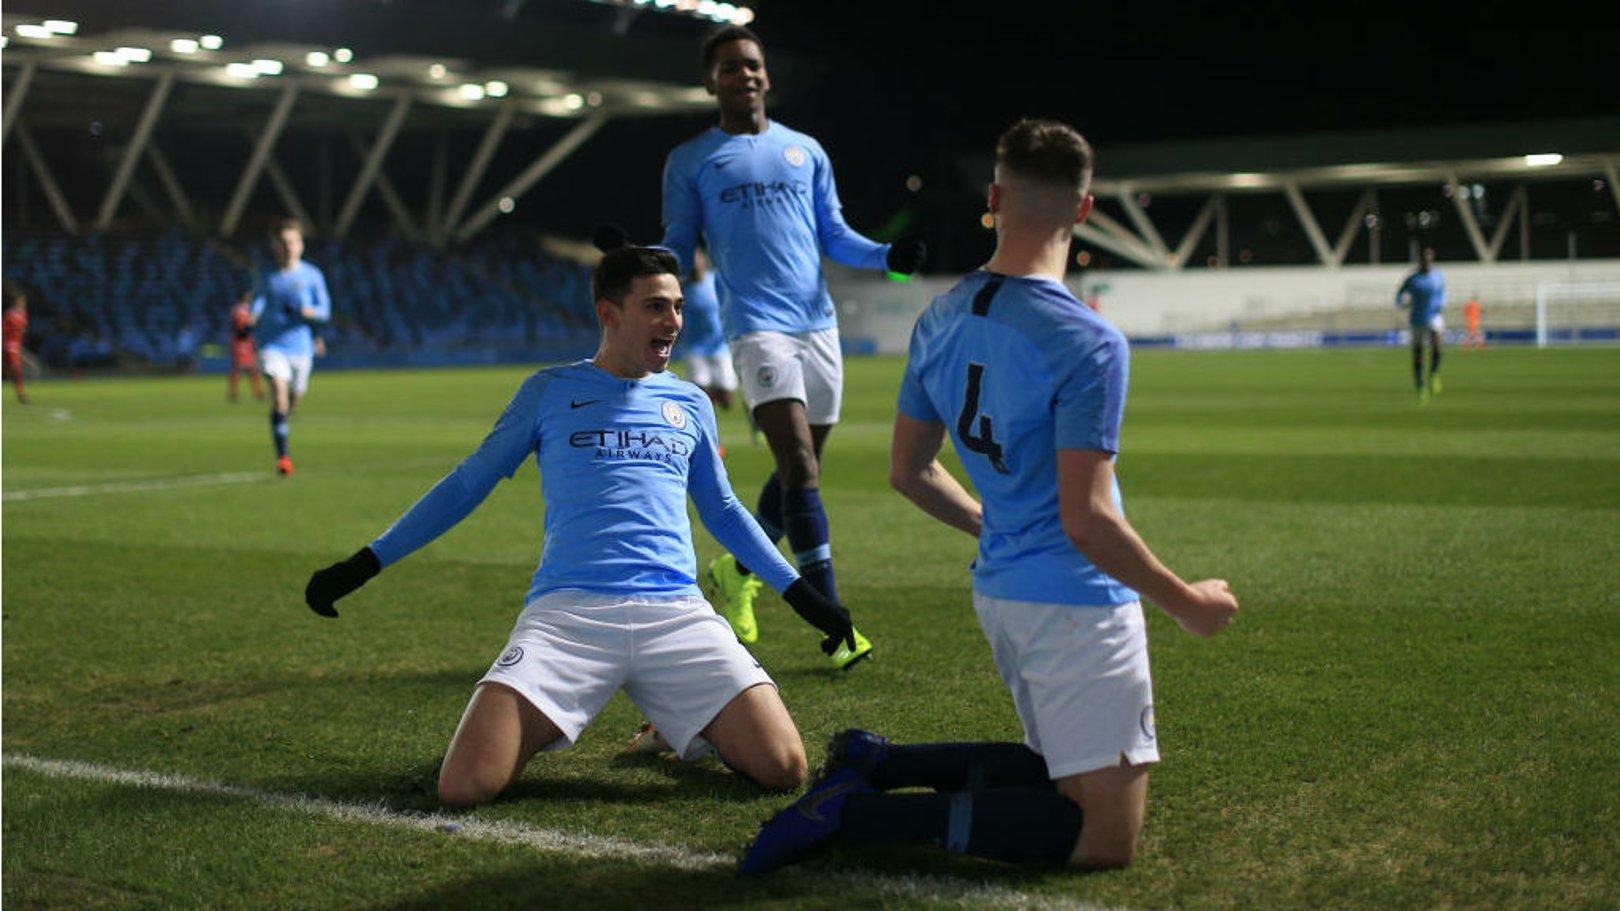 City face à United en demi-finale de U18 PL Cup